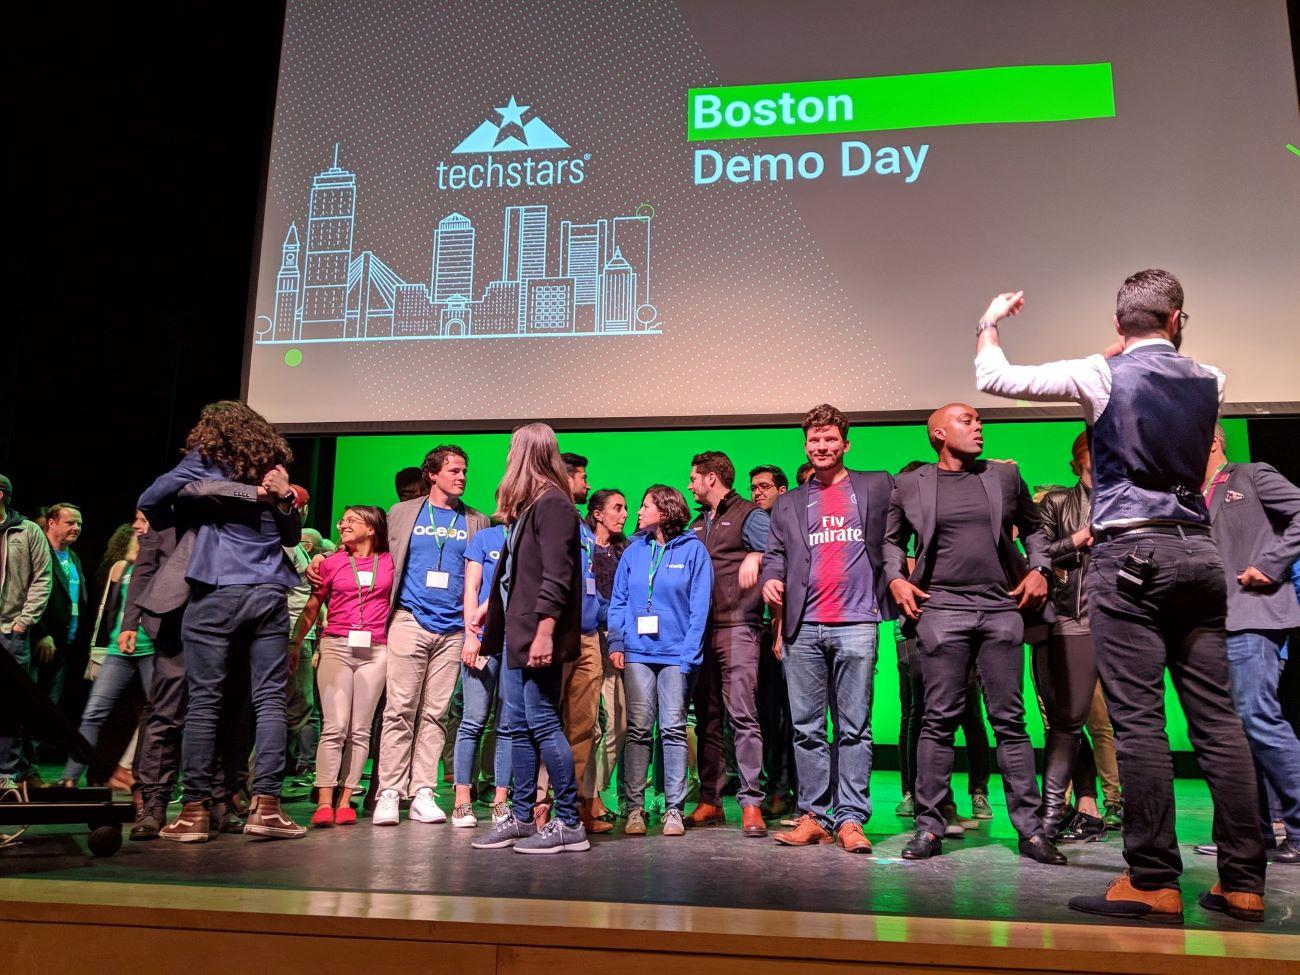 Techstars demo day in Boston